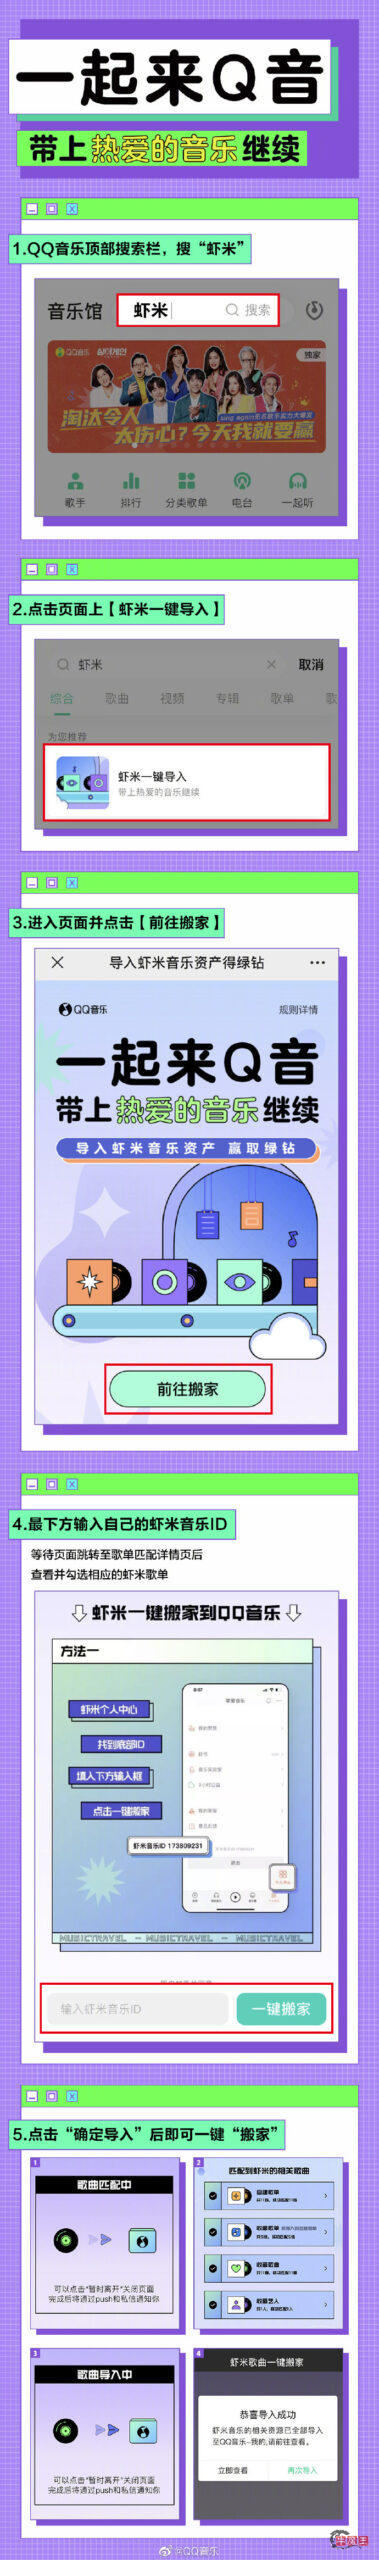 """腾讯 QQ 音乐上线 """"虾米歌曲一键搬家""""功能-牛魔博客"""